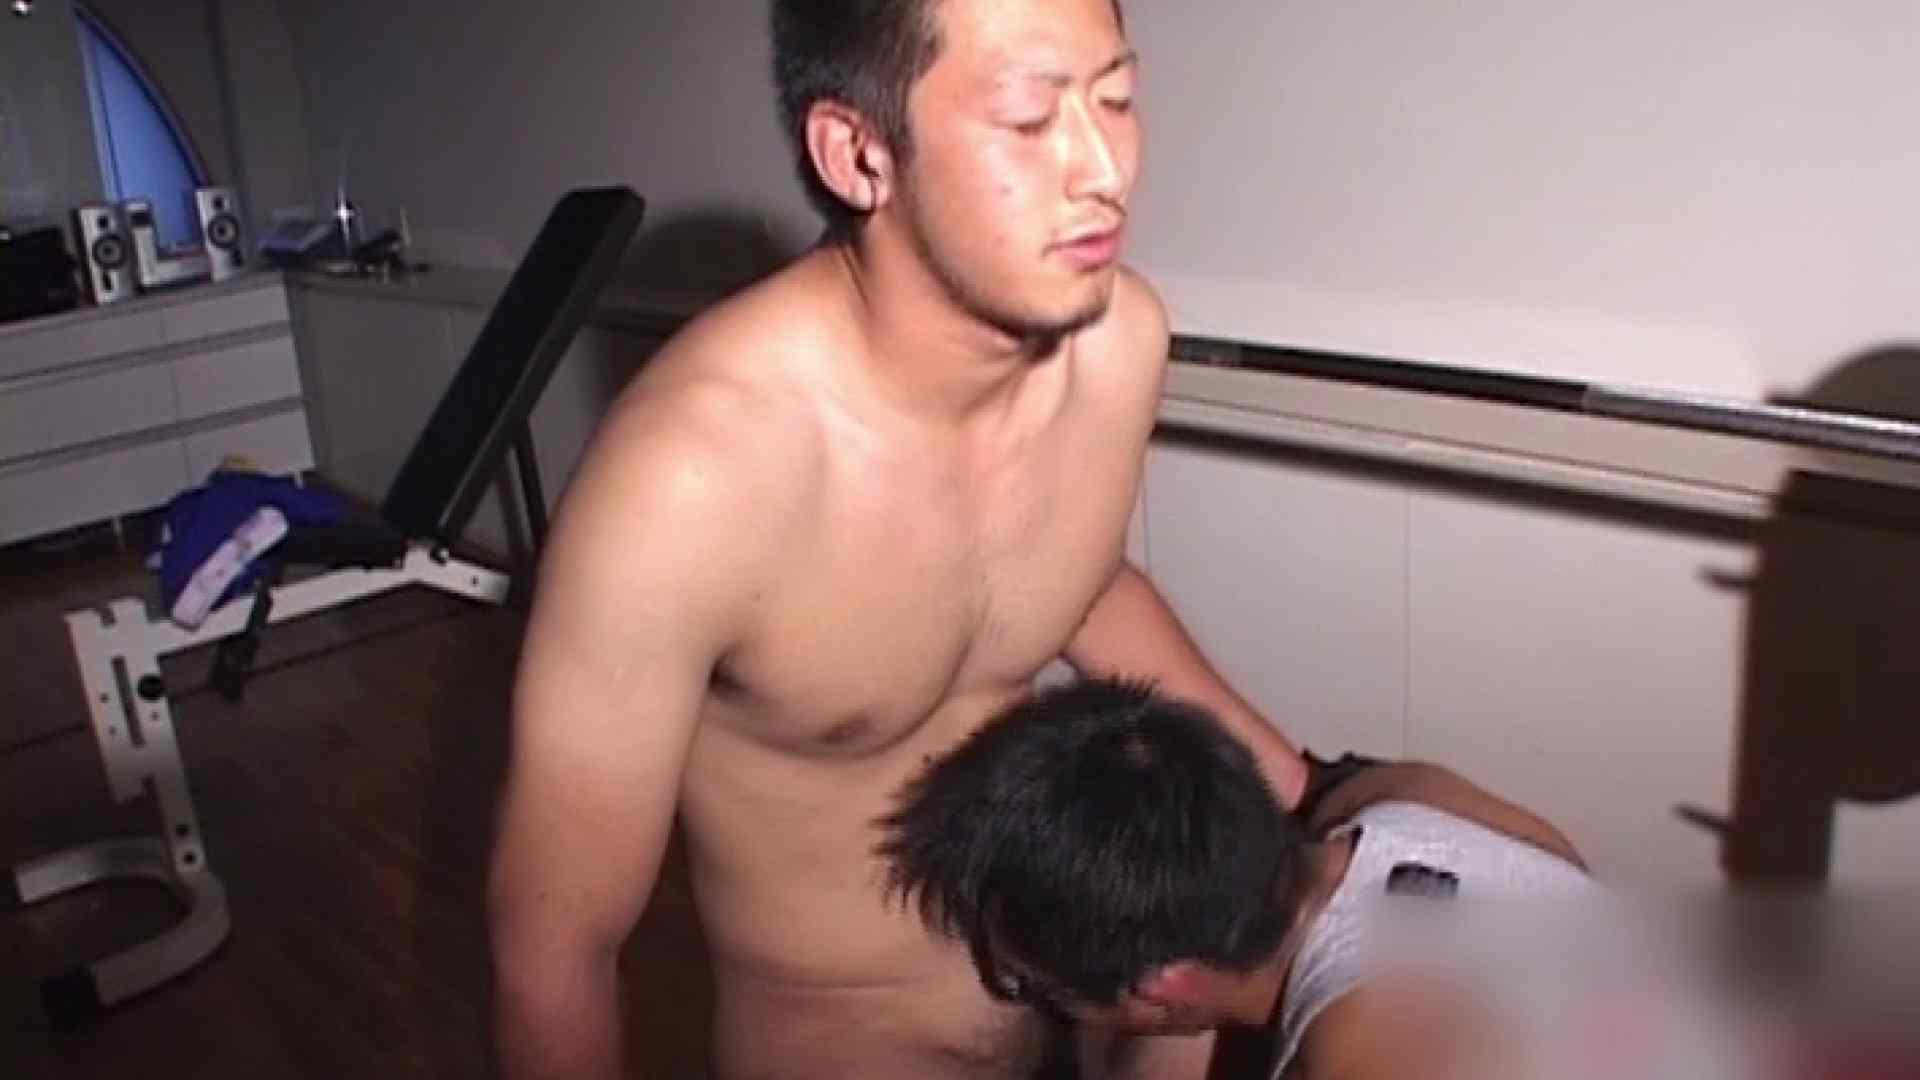 珍肉も筋肉の内!!vol.1 発射シーン ゲイフリーエロ画像 86枚 65